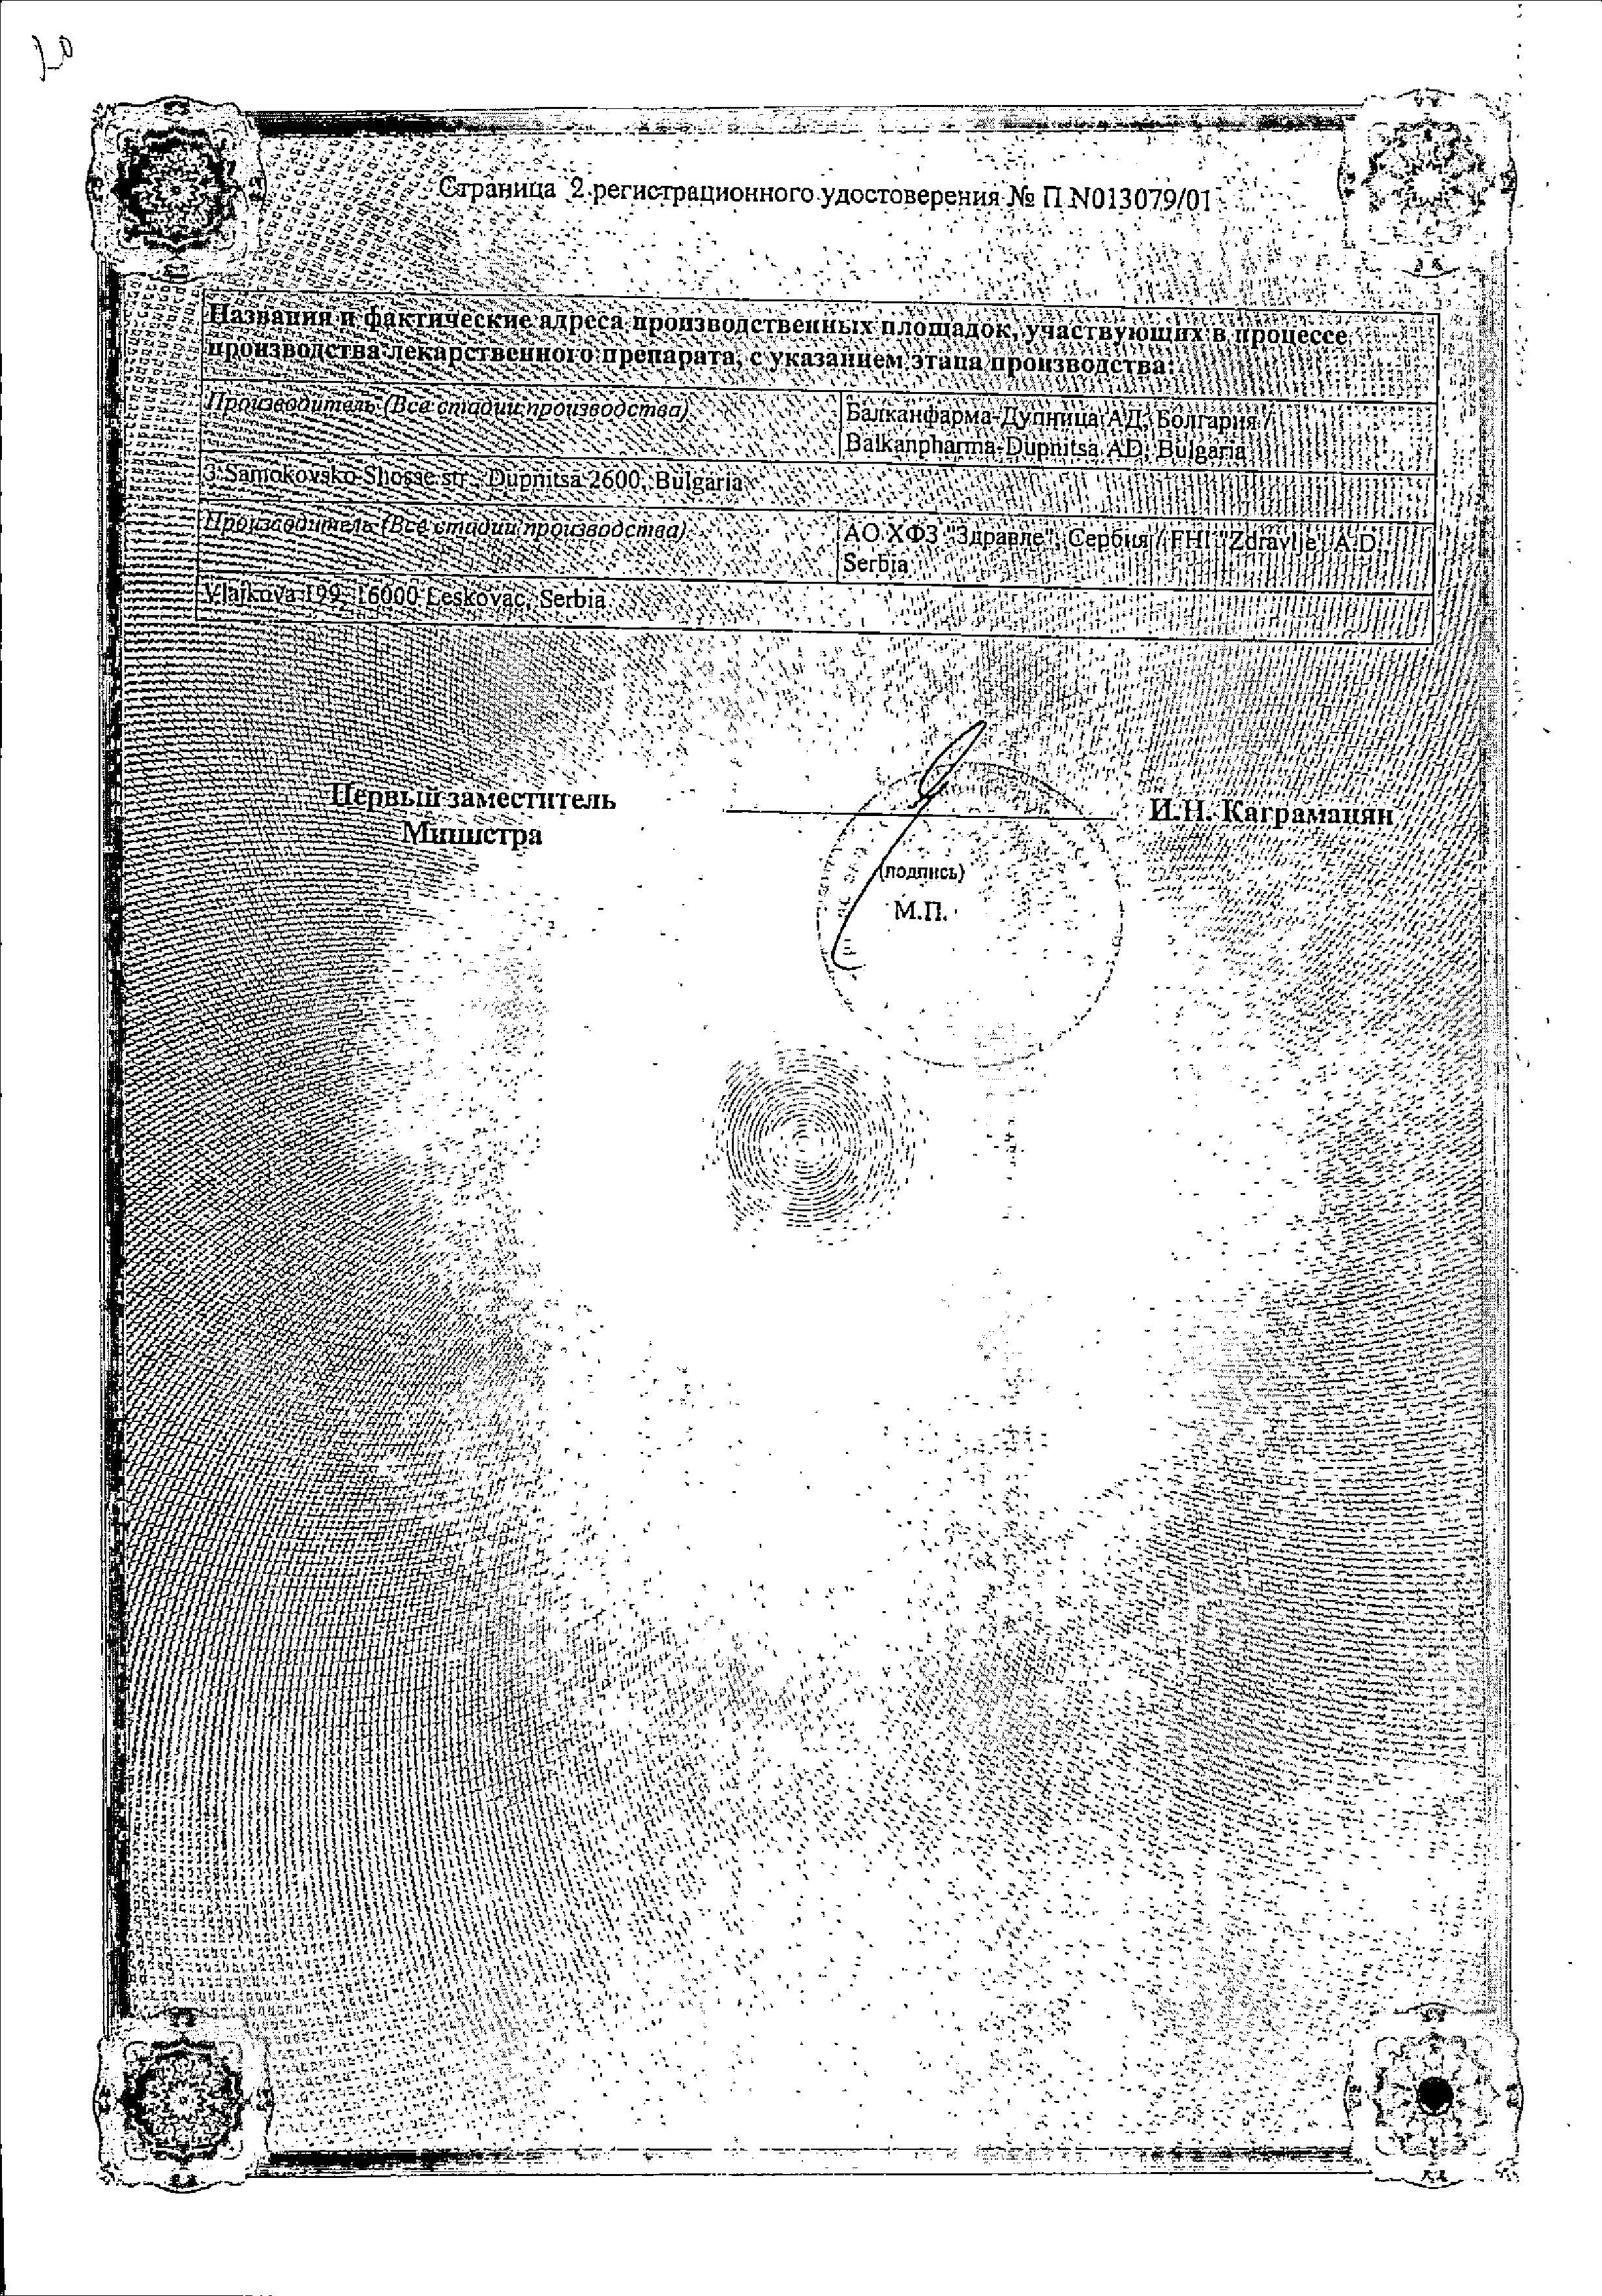 Спазмалгон сертификат